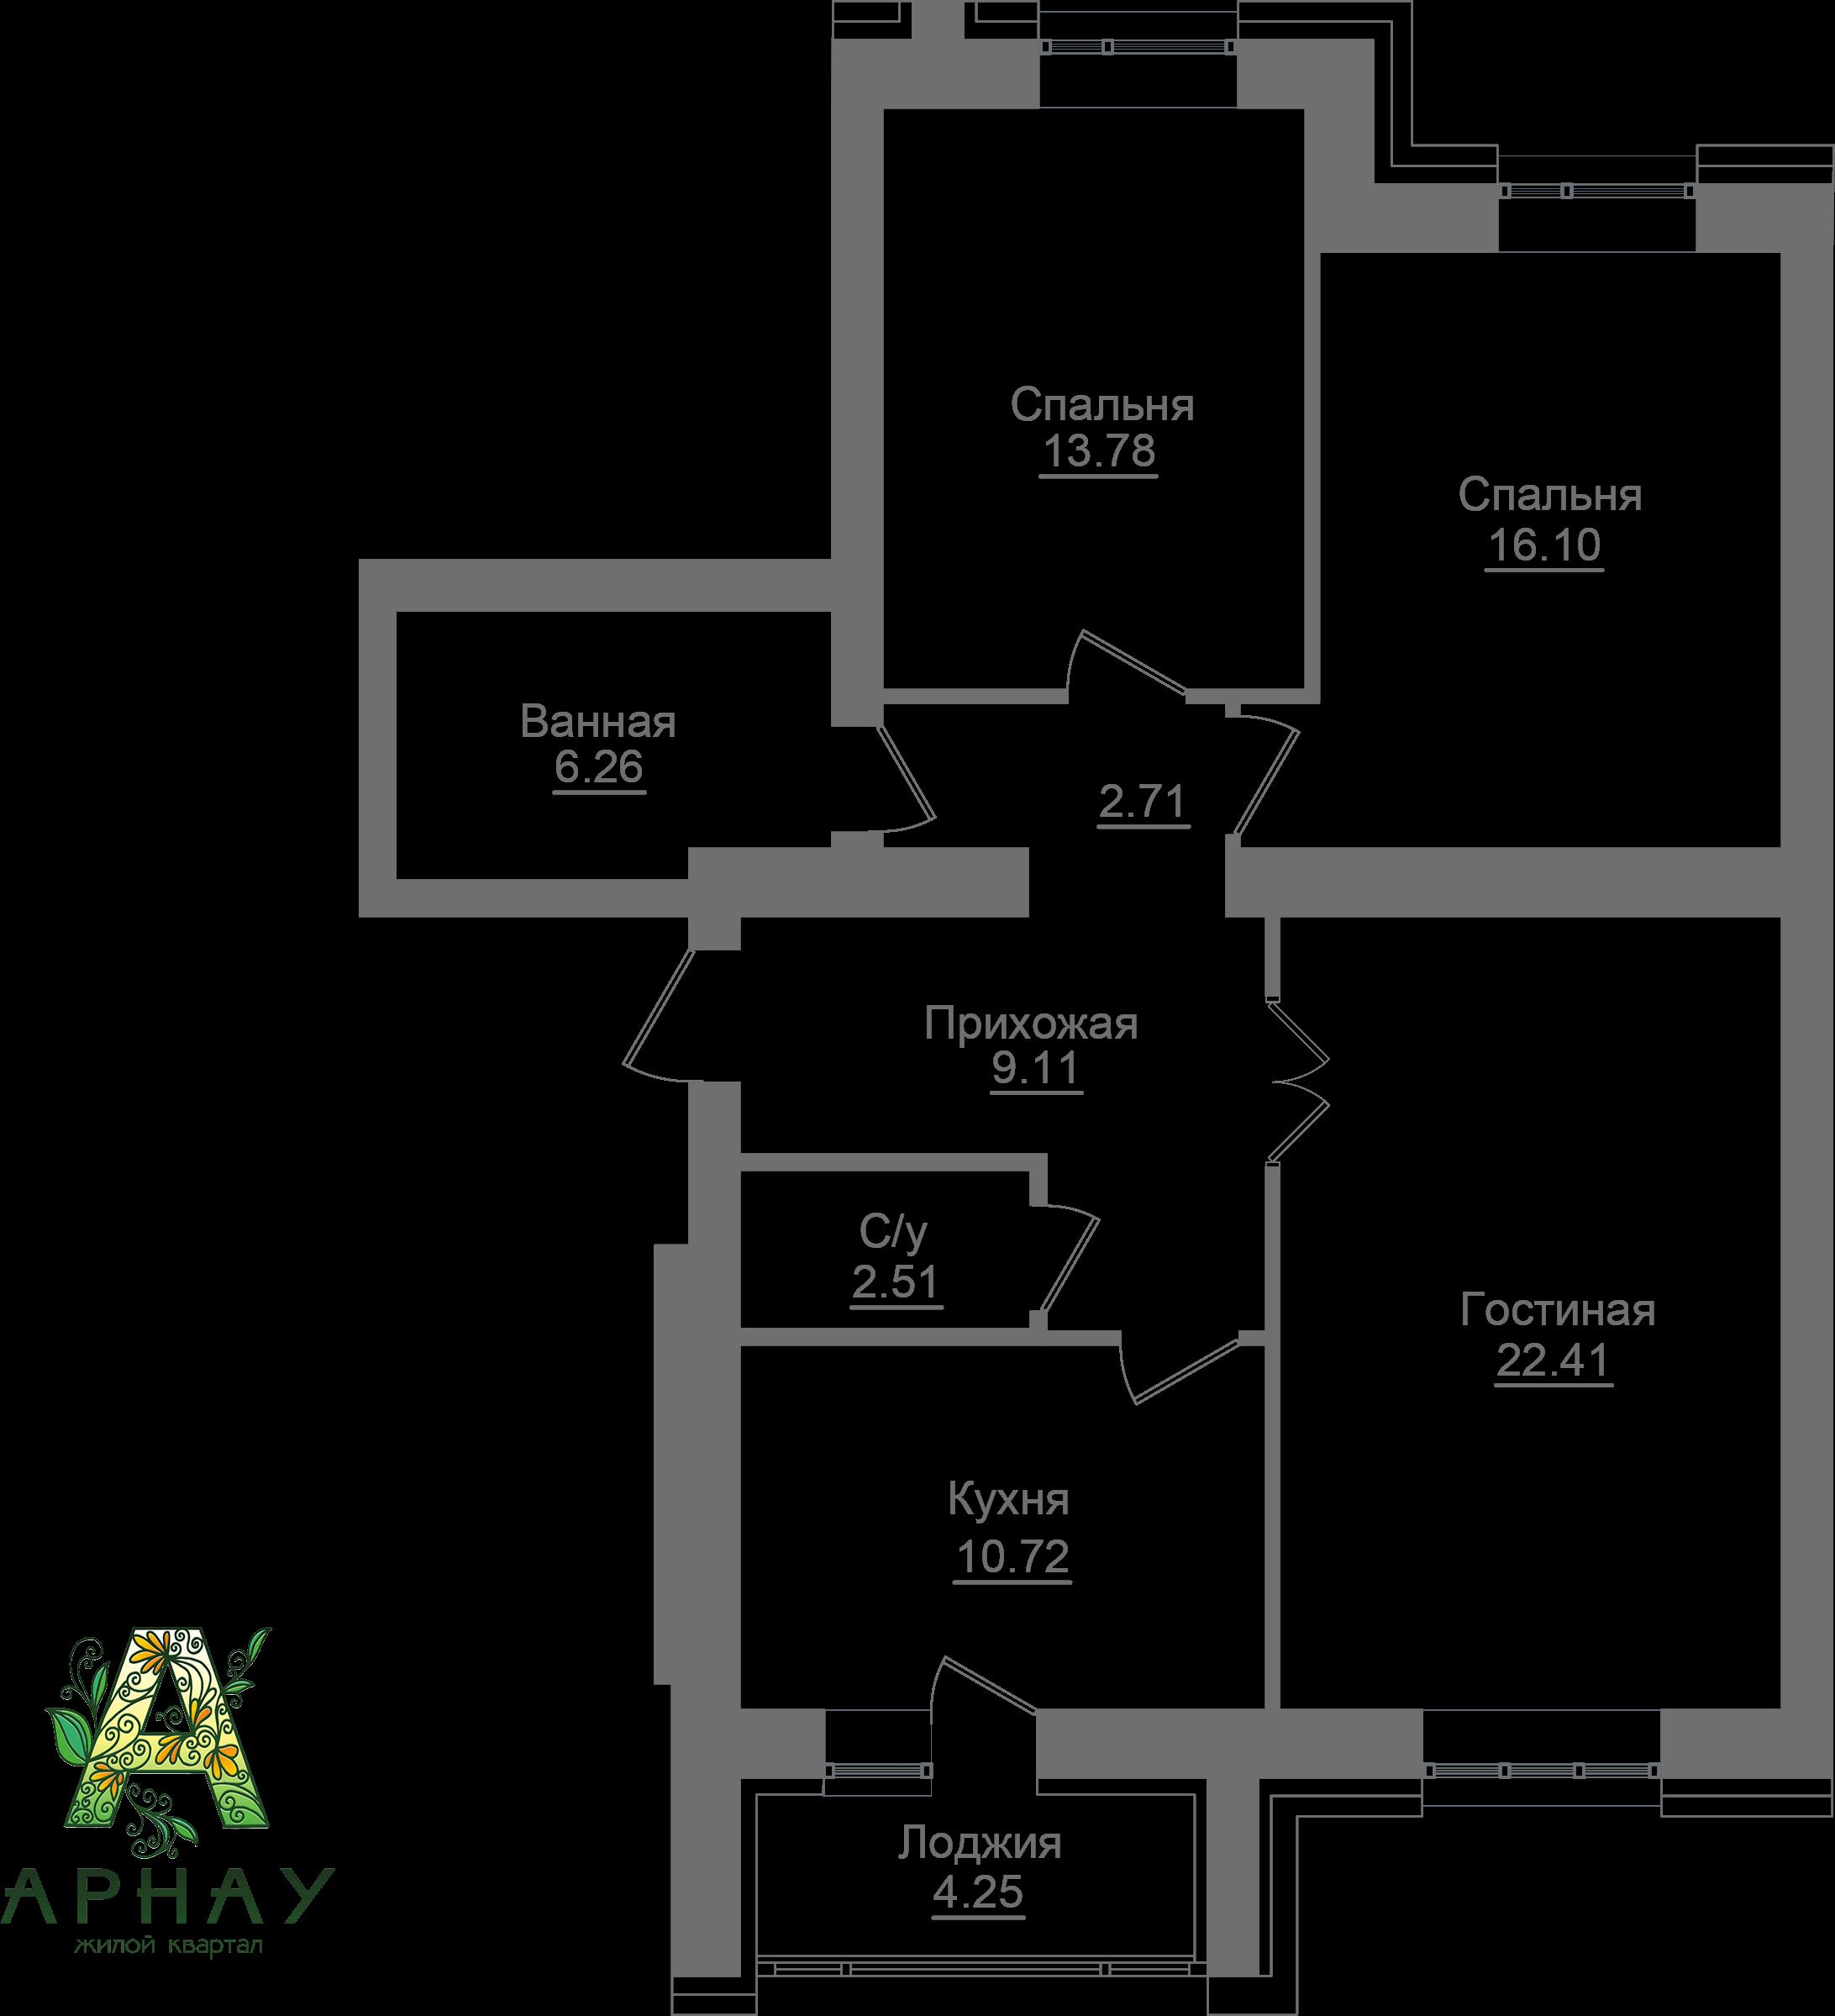 Квартира 189